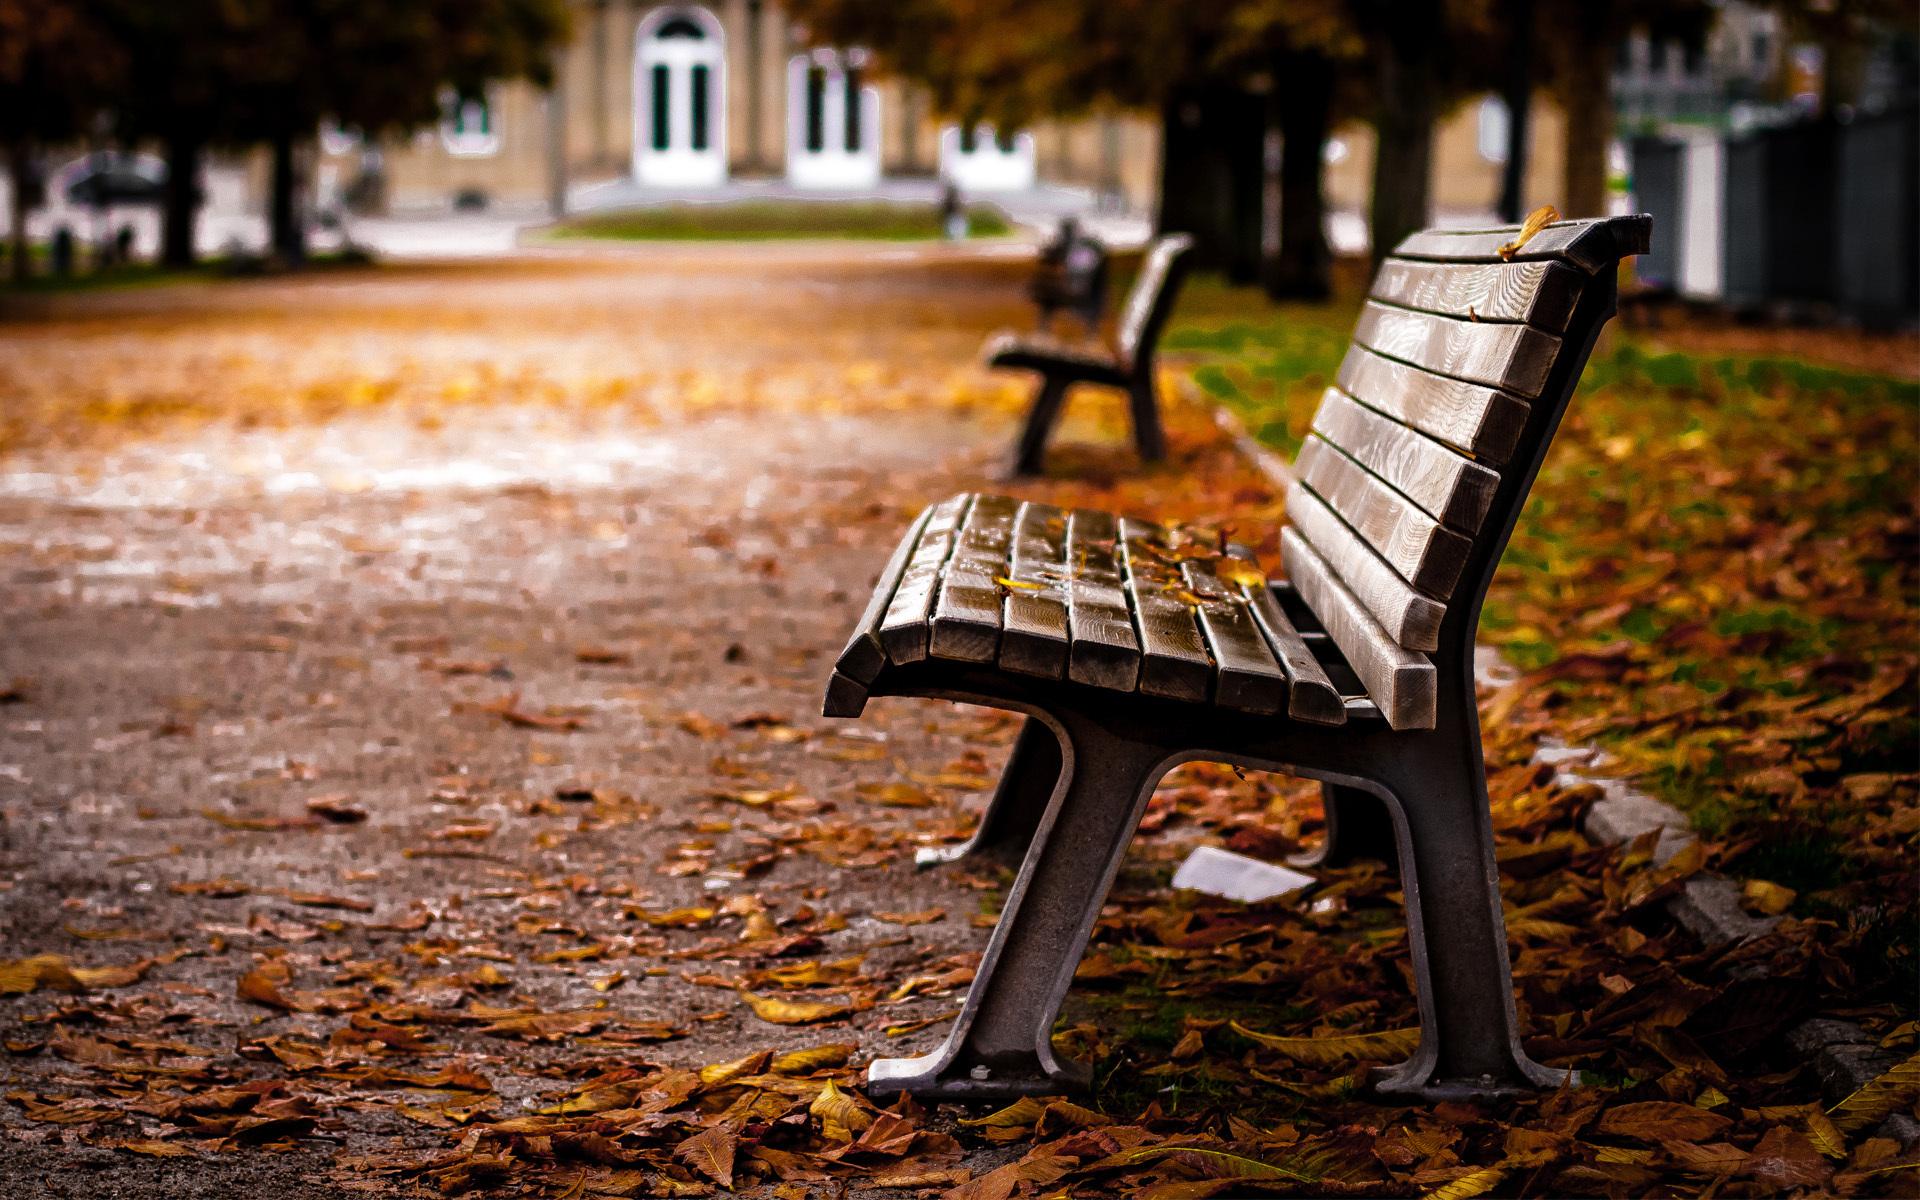 Набережная со скамейками  № 1440196 загрузить